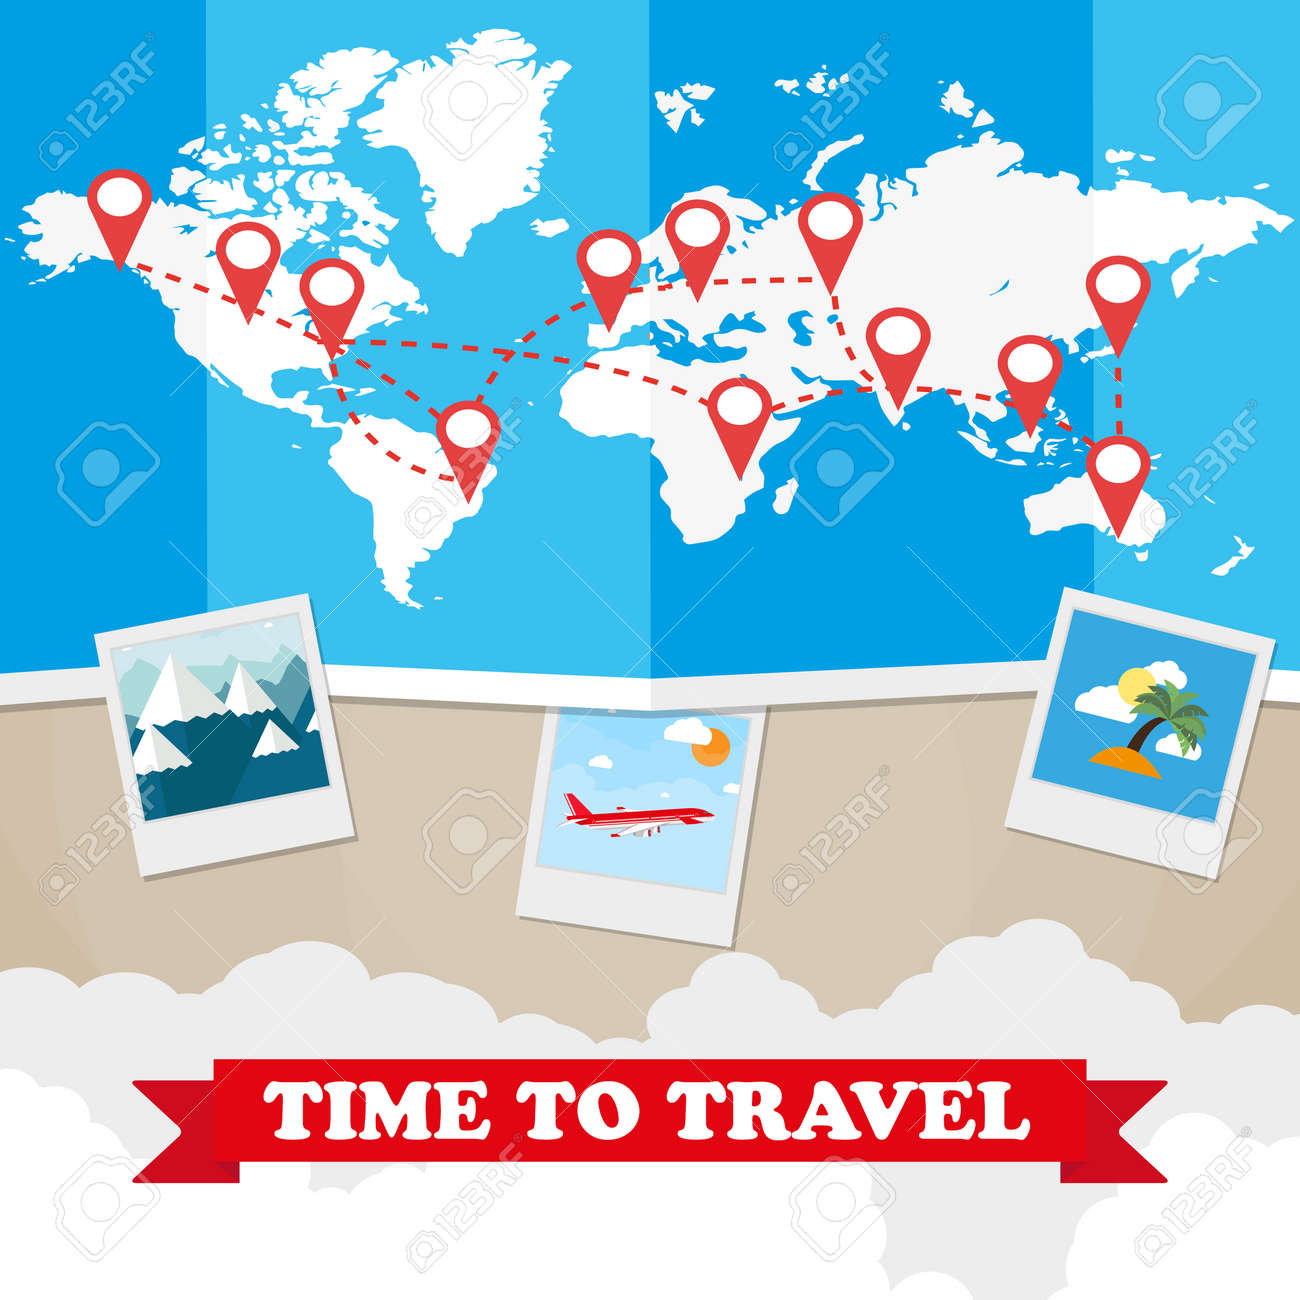 Weltkarte Mit Routen Flugzeug, Instant-Bilderrahmen, Wolken Mit ...